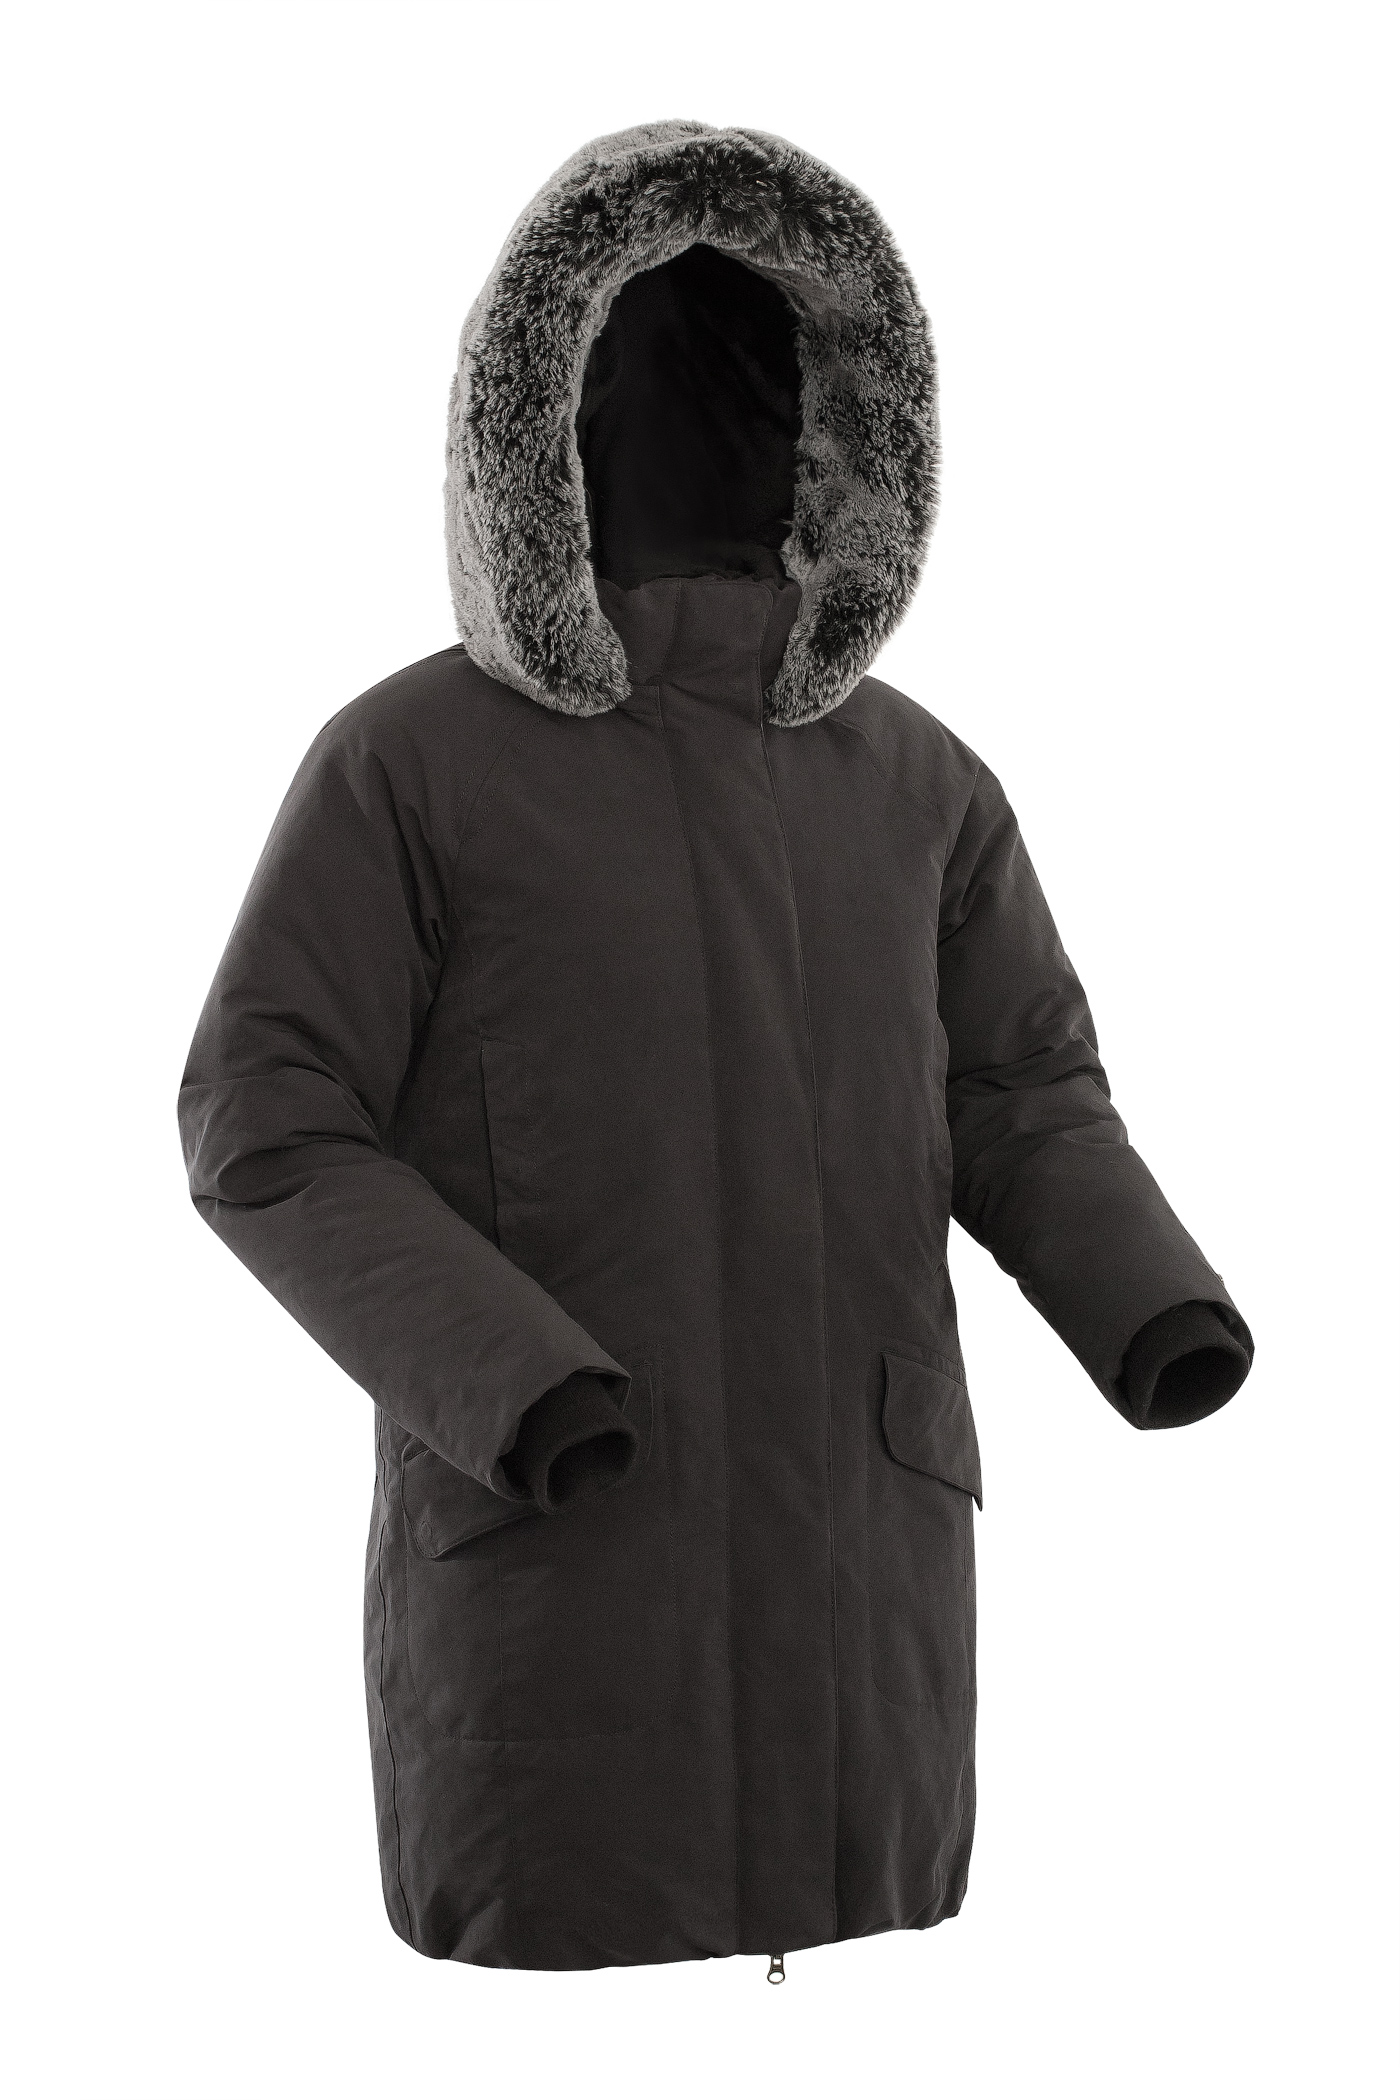 Куртка BASK ISIDA 1505Куртки<br><br><br>Ветро-влагозащитные свойства верхней ткани: Да<br>Ветрозащитная планка: Да<br>Ветрозащитная юбка: Нет<br>Внутренние манжеты: Да<br>Дублирующий центральную молнию клапан: Да<br>Коллекция: BASK City<br>Регулировка манжетов рукавов: Нет<br>Световозвращающая лента: Нет<br>Технология Thermal Welding: Нет<br>Тип утеплителя: Натуральный<br>Утеплитель: Гусиный пух<br>Размер RU: 46<br>Цвет: СИНИЙ